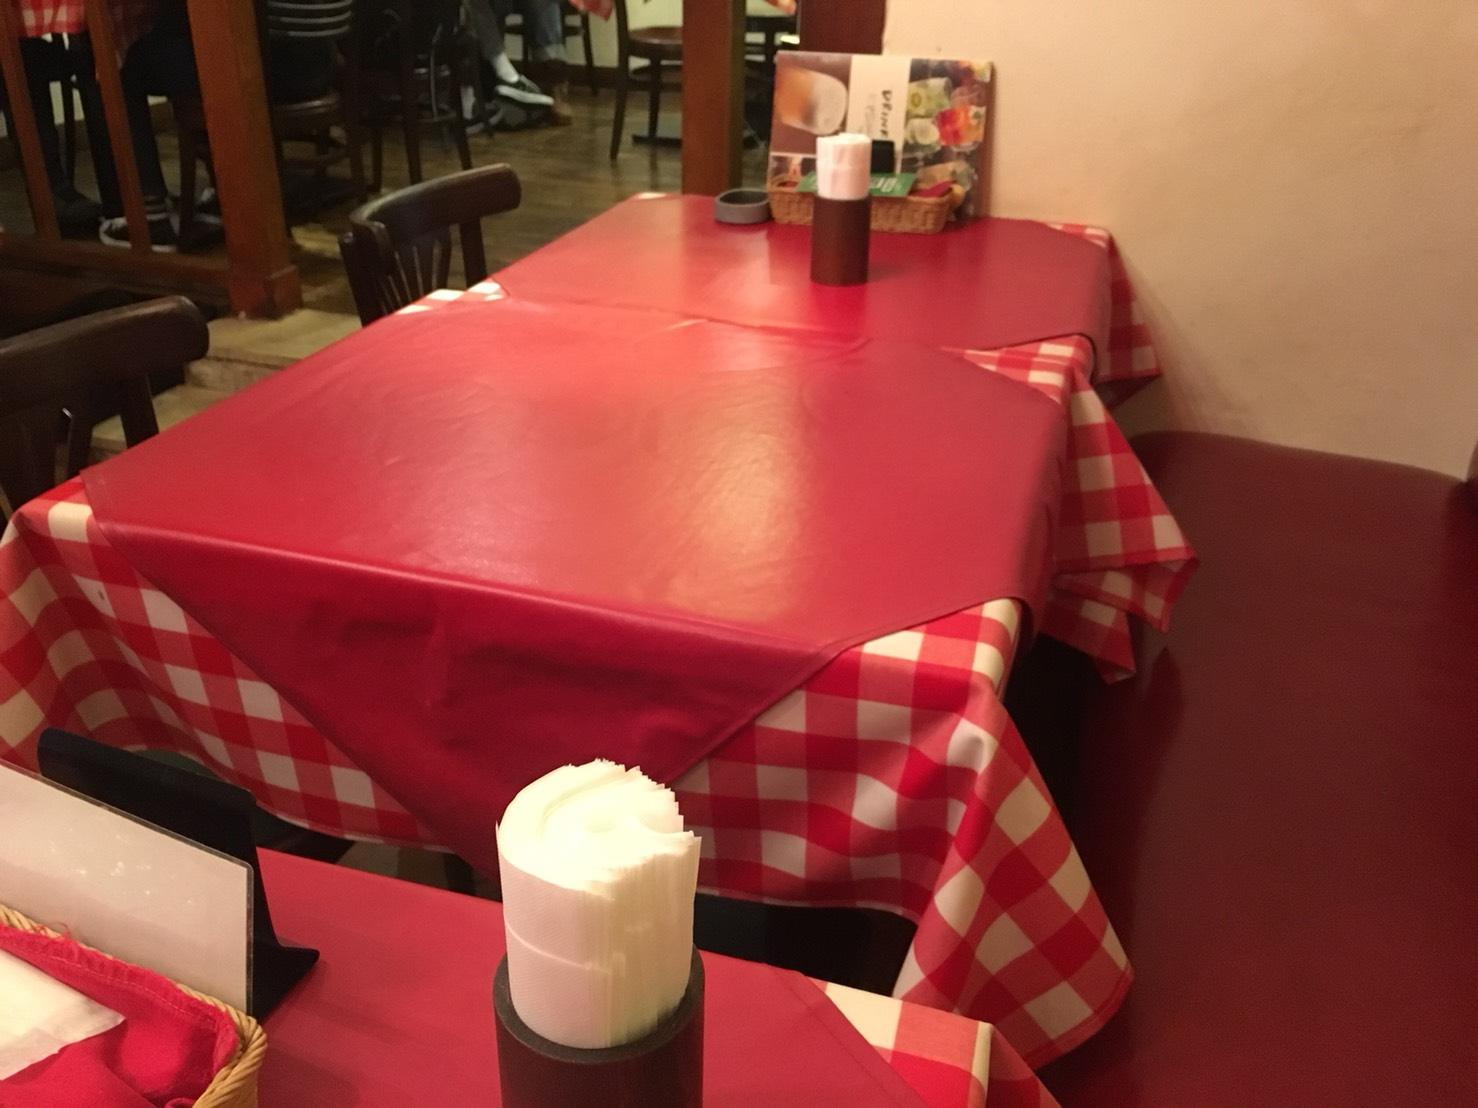 【池袋駅】ビスマルク最高!カジュアルイタリアン「パレルモ 池袋店」のテーブル